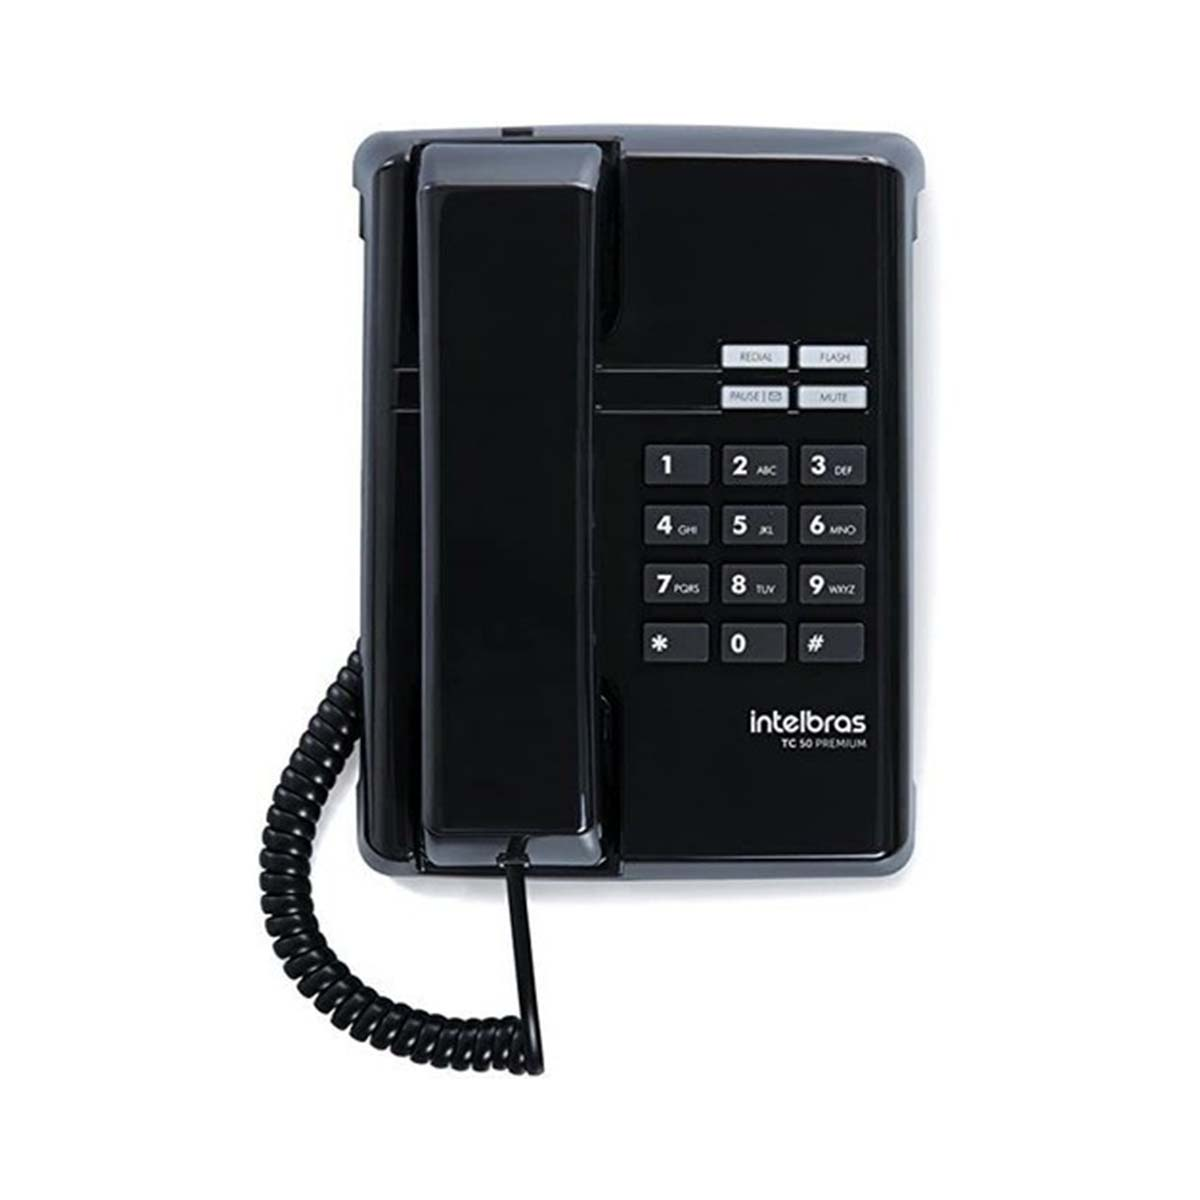 Kit 10 Telefone De Mesa Intelbras Tc50 Premium Preto